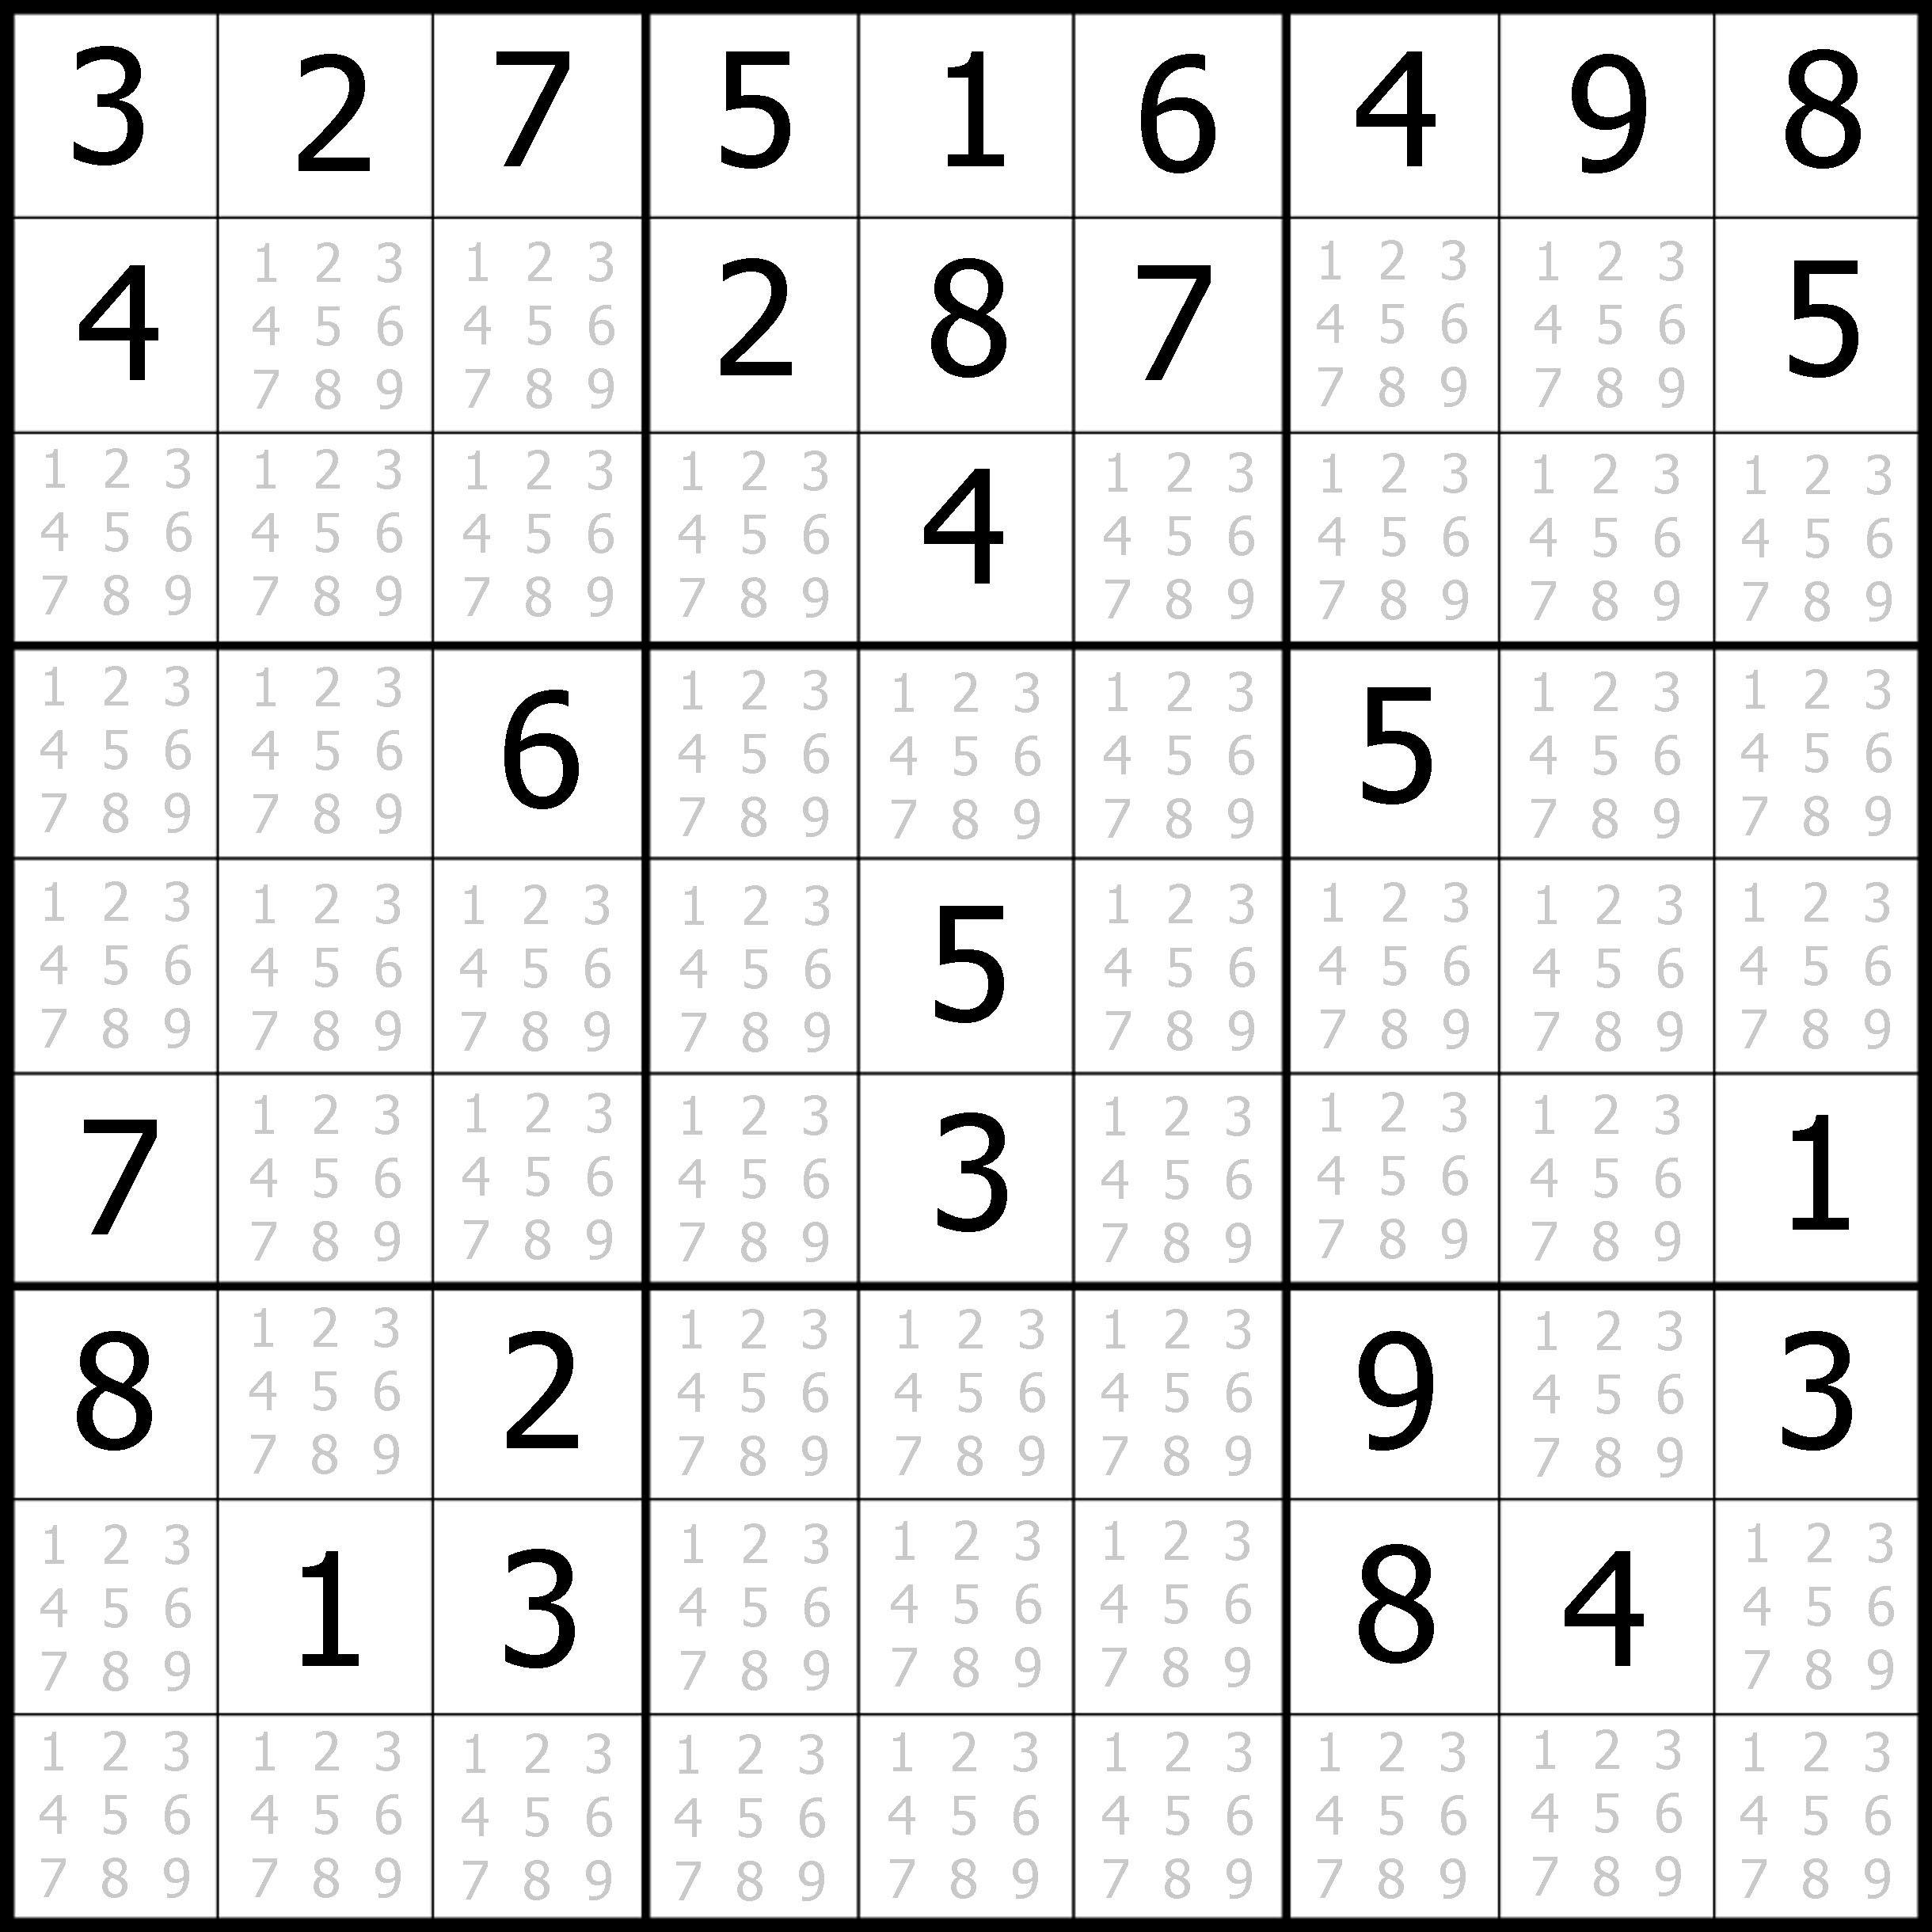 Sudoku Printable | Free, Medium, Printable Sudoku Puzzle #1 | My - Printable Sudoku Puzzle Site